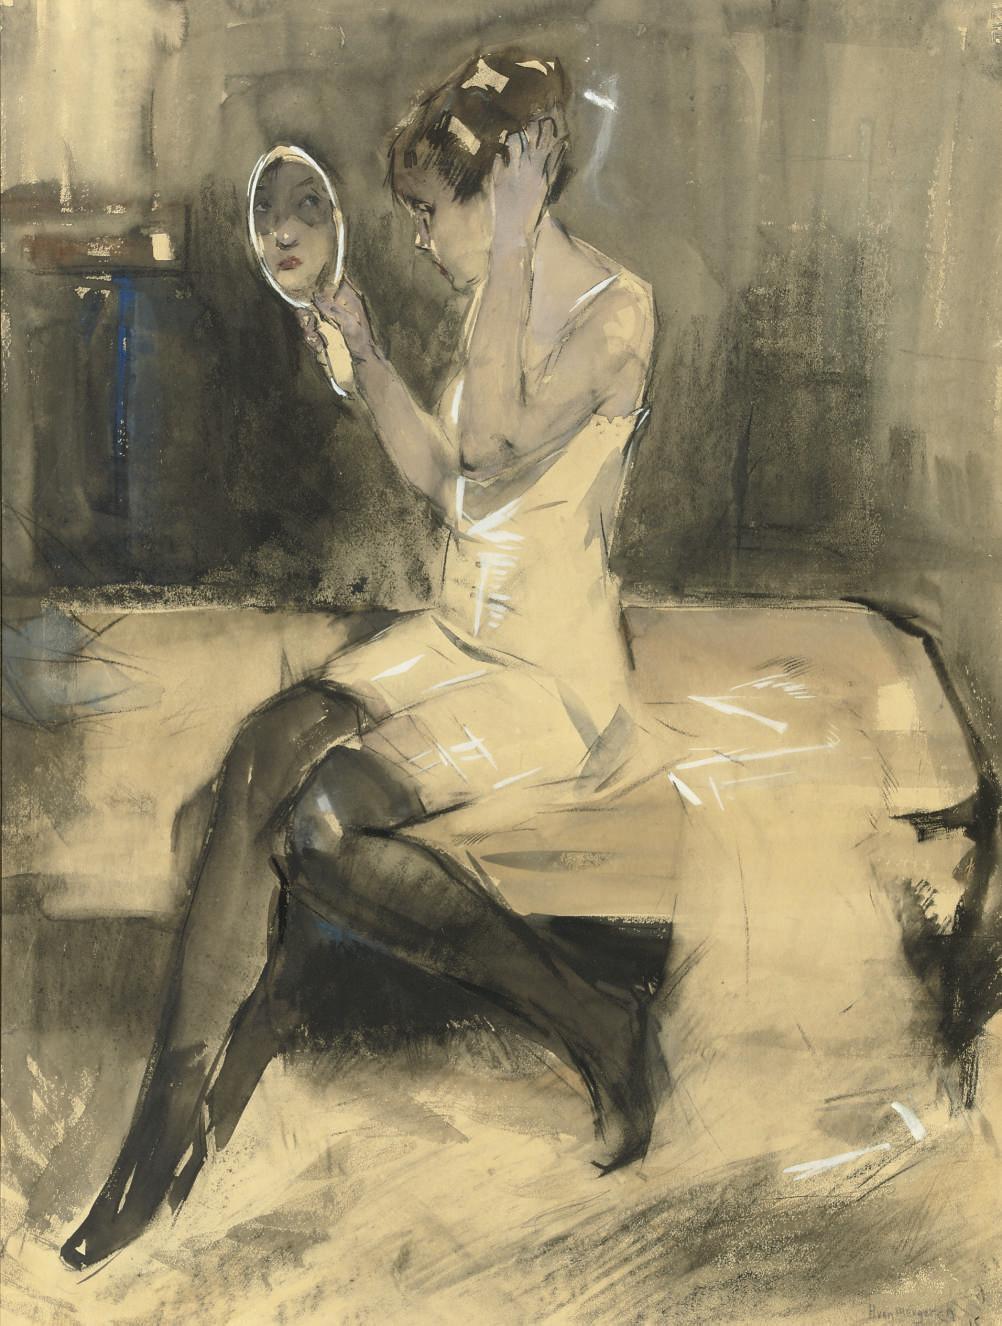 Han van Meegeren (DUTCH, 1889-1947)